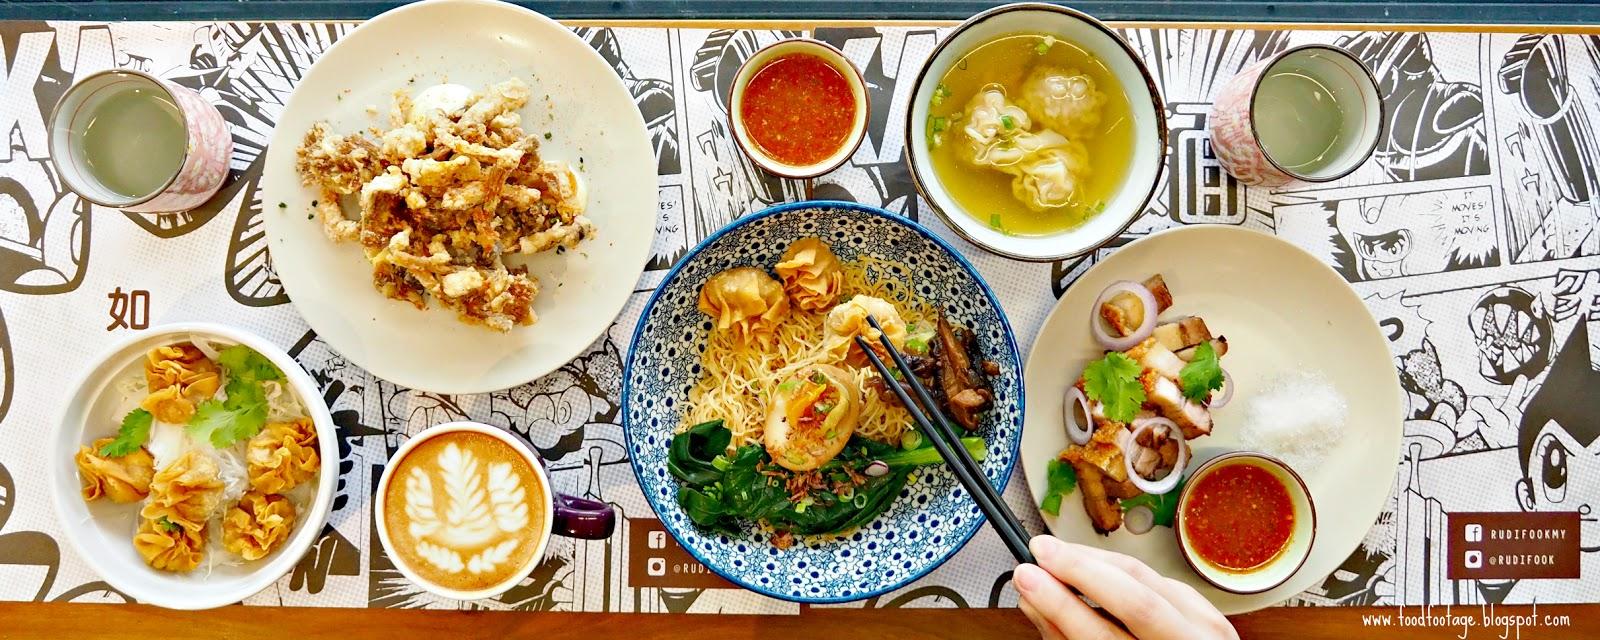 Ru di fook noodle bar kota damansara kl foodfootage for Food bar kota damansara